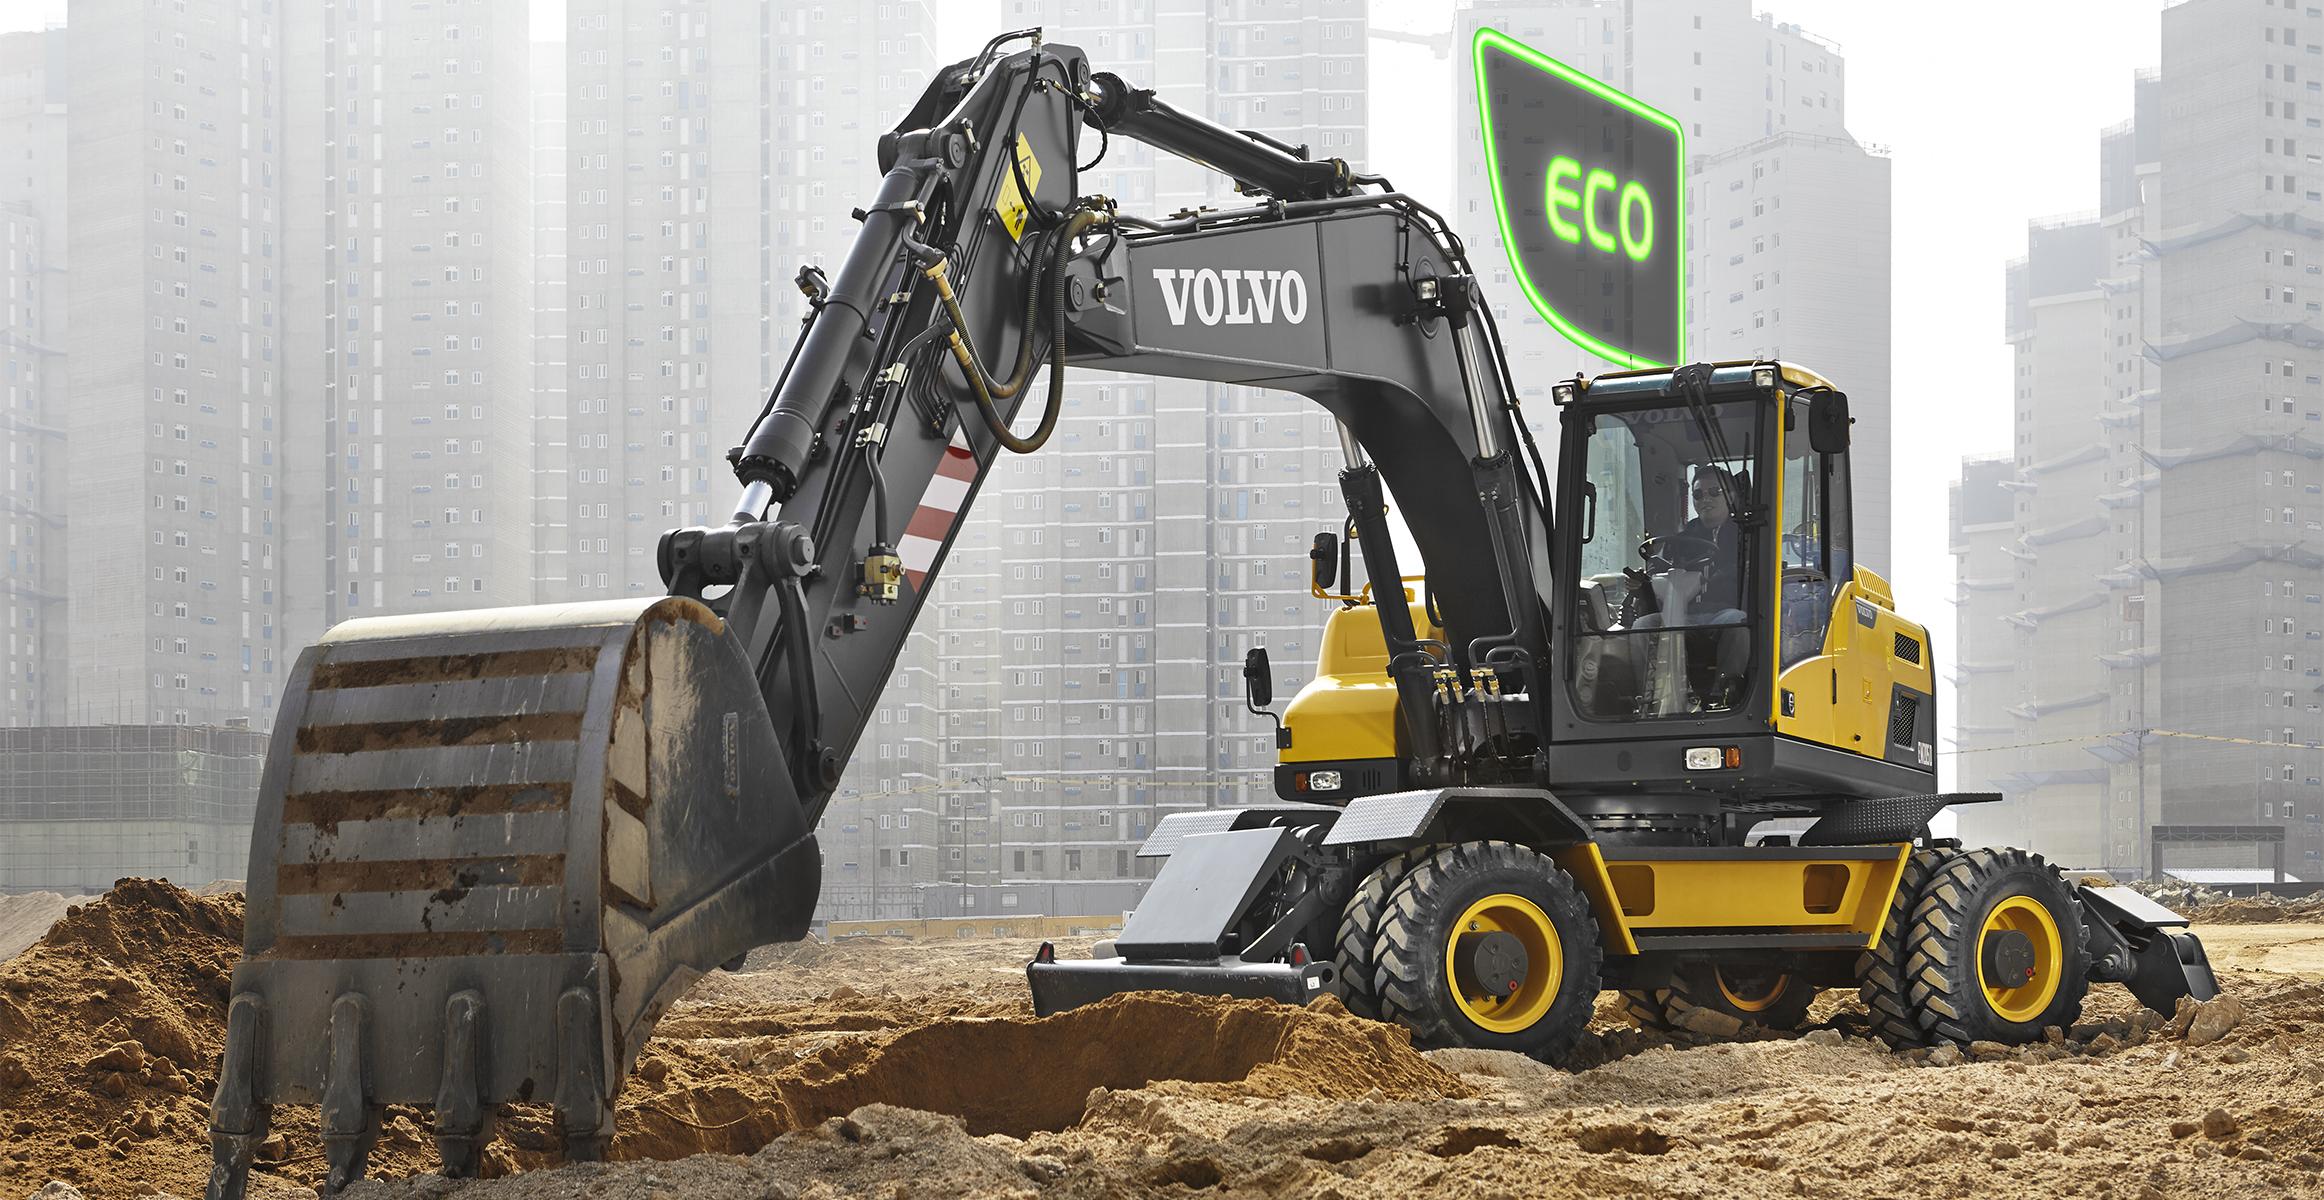 EW205D   Excavators   Overview   Volvo Construction Equipment